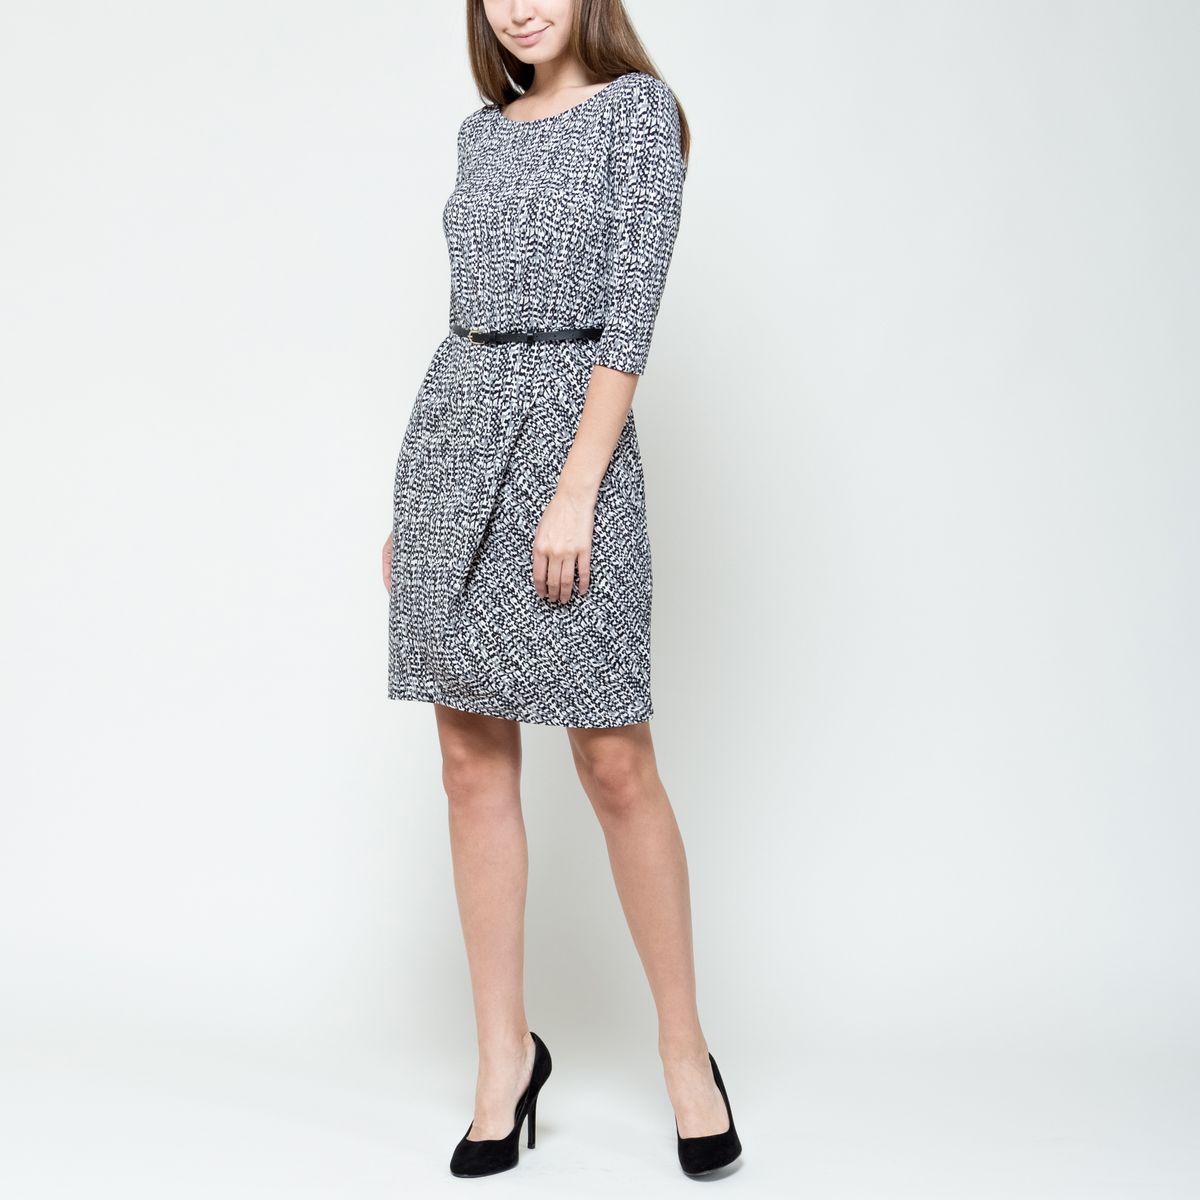 ПлатьеDK-117/1017-6391Модное платье Sela выполнено из эластичного полиэстера. Платье-миди с круглым вырезом горловины и рукавами 3/4 оформлено оригинальным принтом. На талии изделие дополнено стильным ремнем с металлической пряжкой.